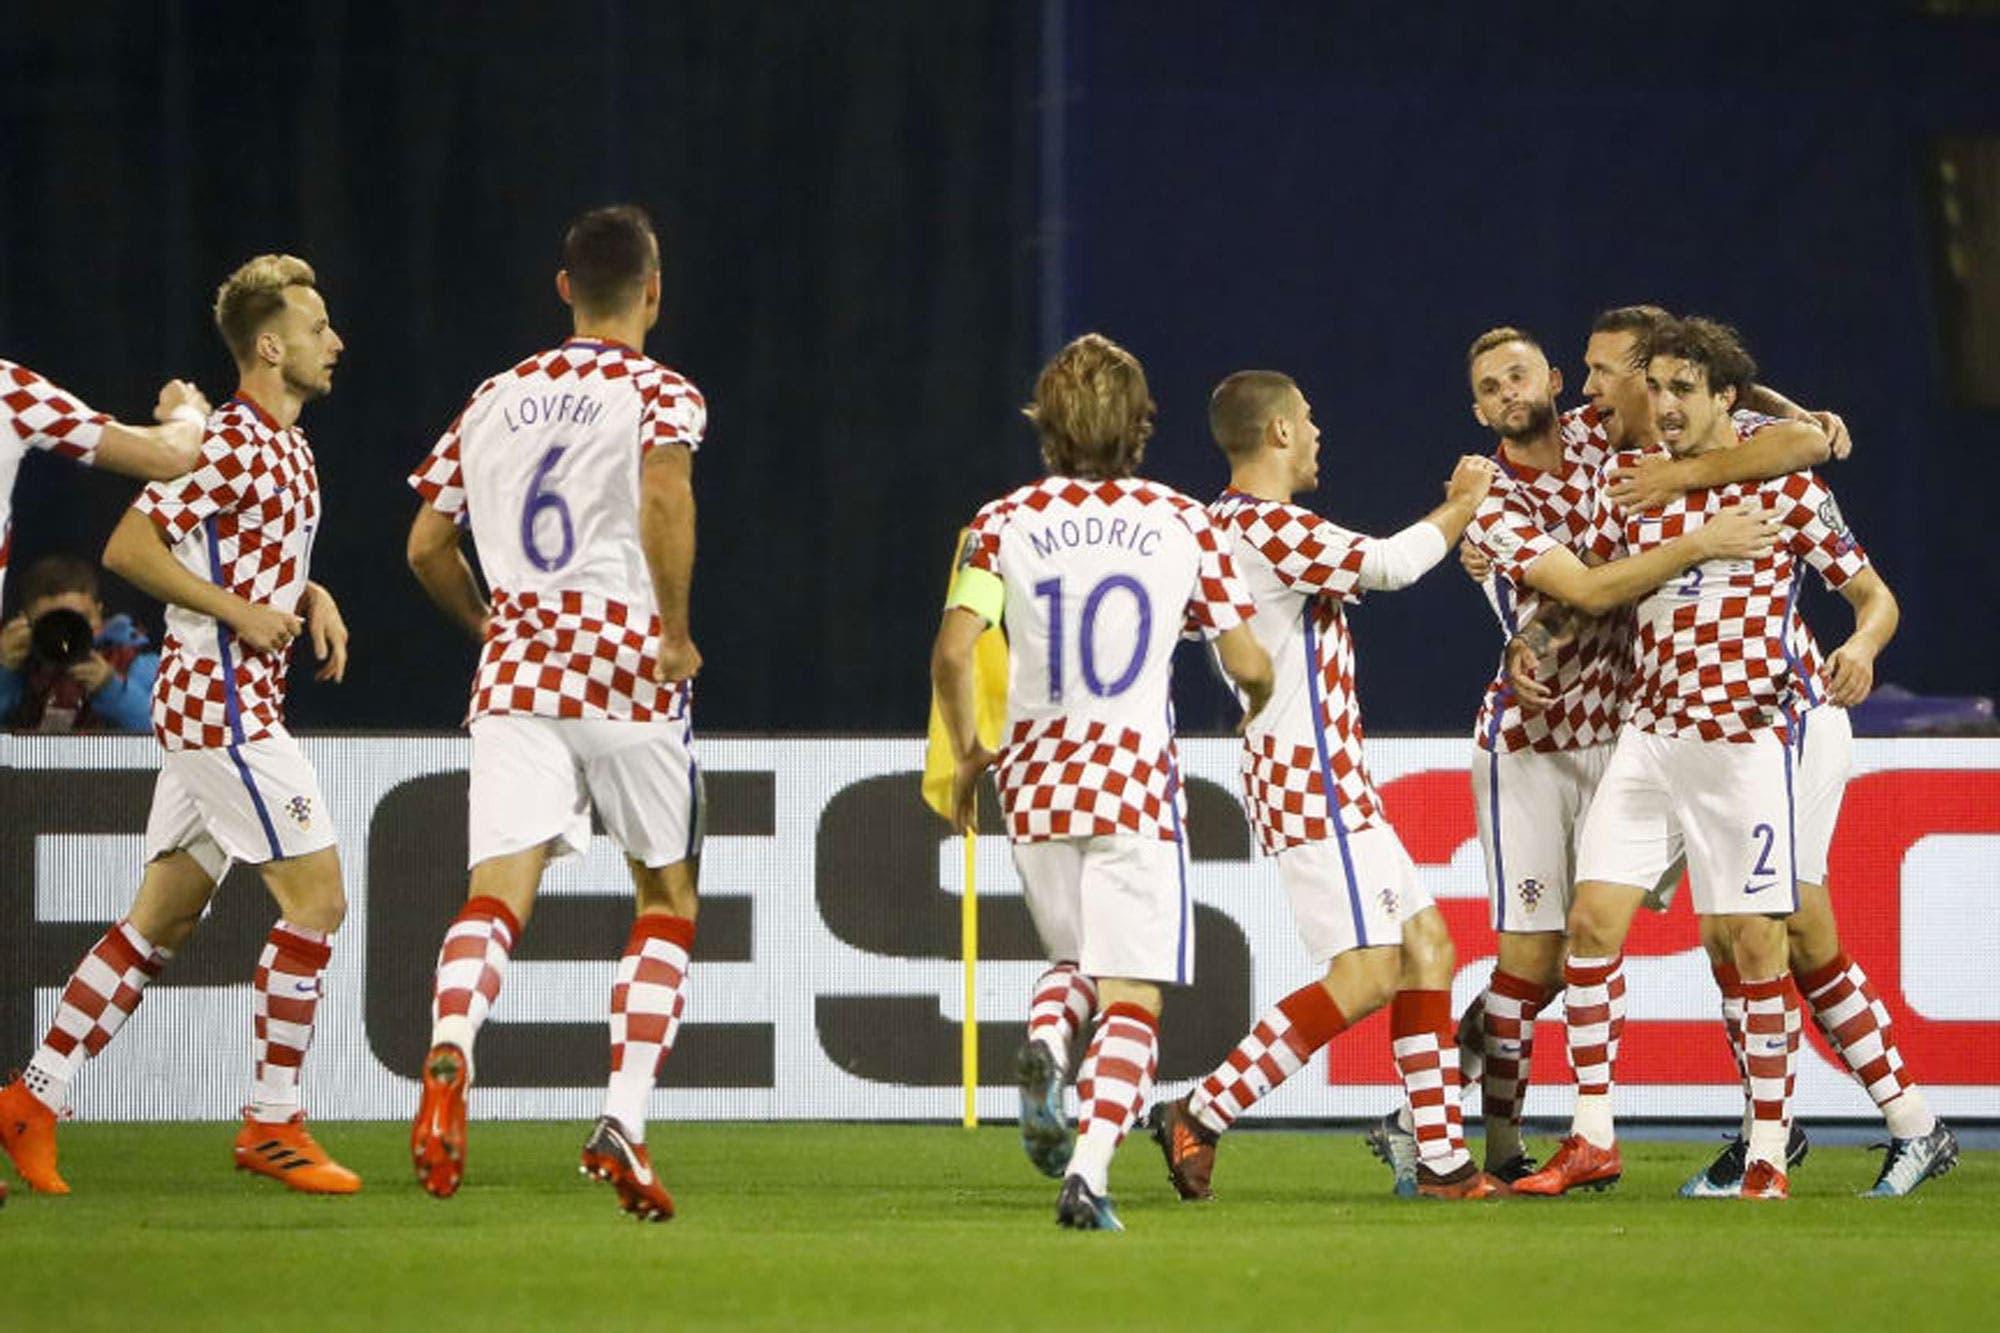 f88b1a8bc0 La selección de Croacia presentó la lista de 23 convocados para el Mundial  Rusia 2018 - LA NACION